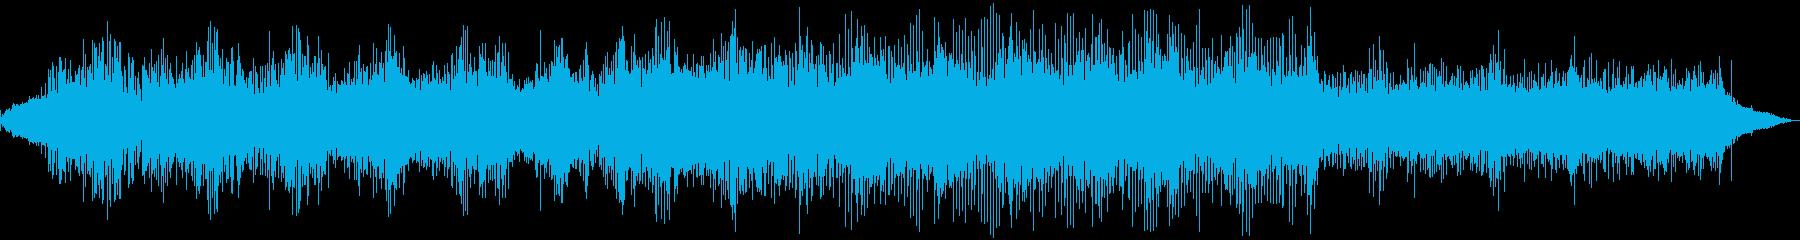 電動ミキサー:起動、実行、停止、さ...の再生済みの波形